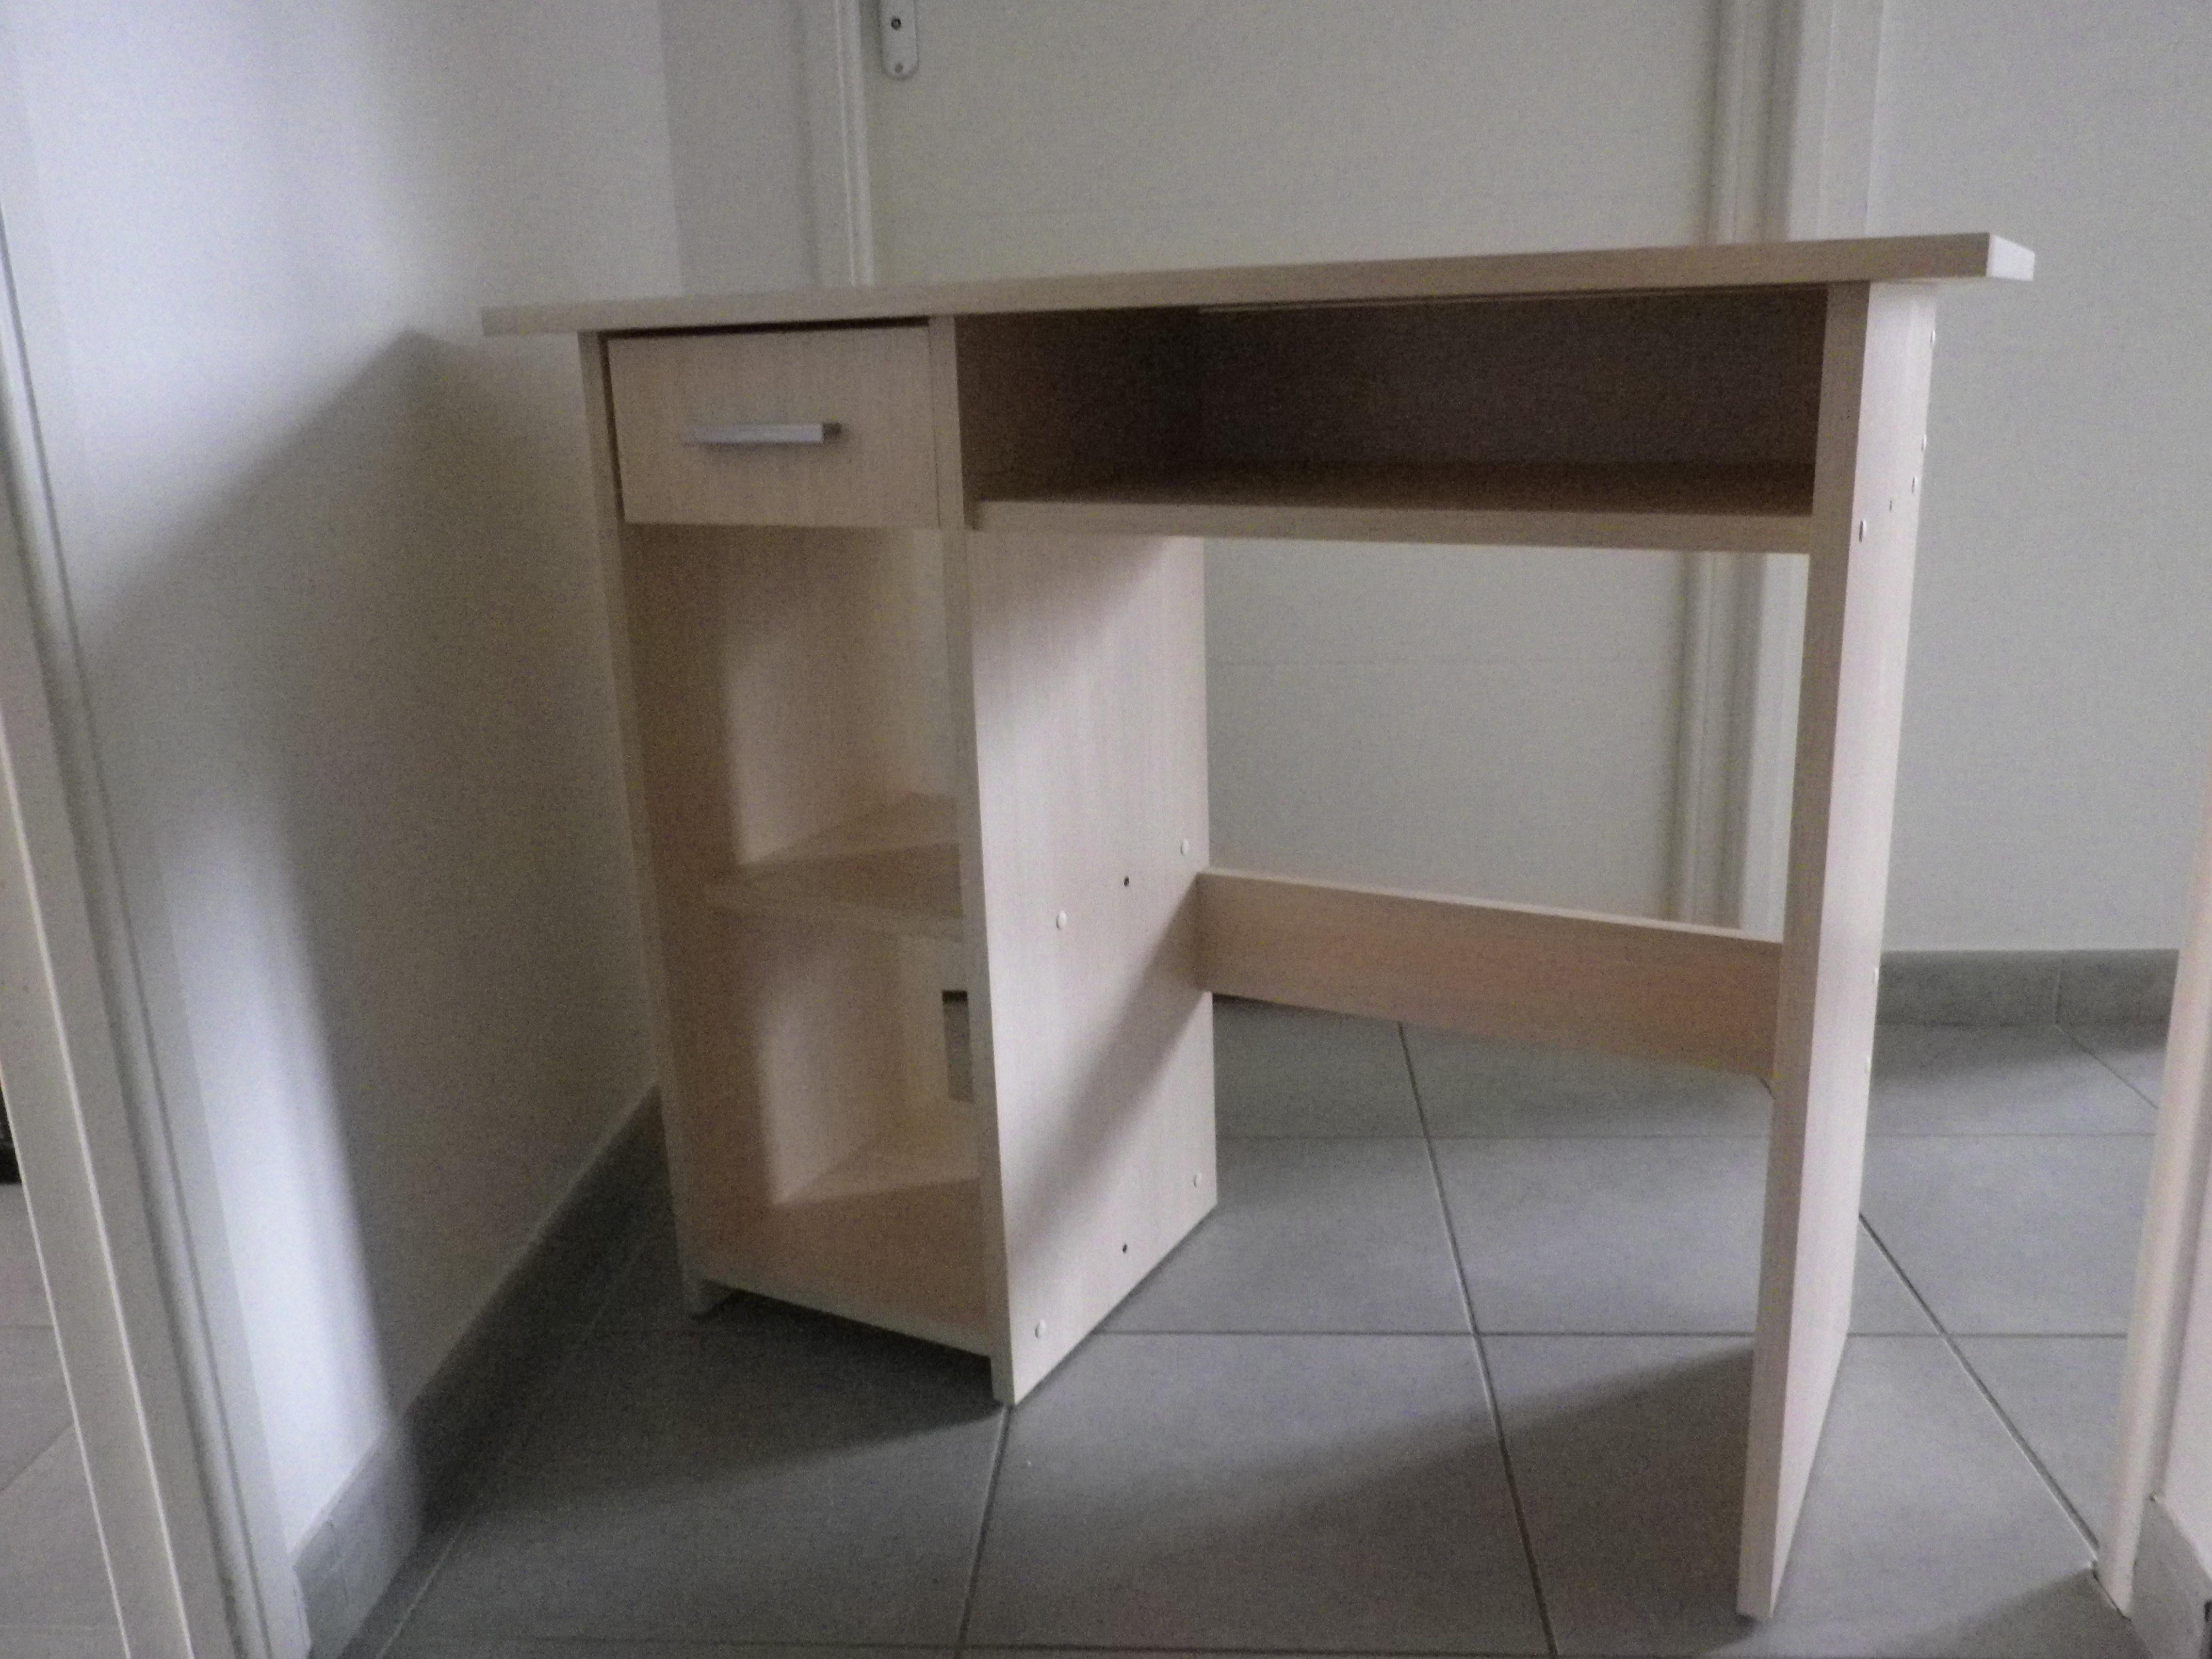 palette donner bully. Black Bedroom Furniture Sets. Home Design Ideas